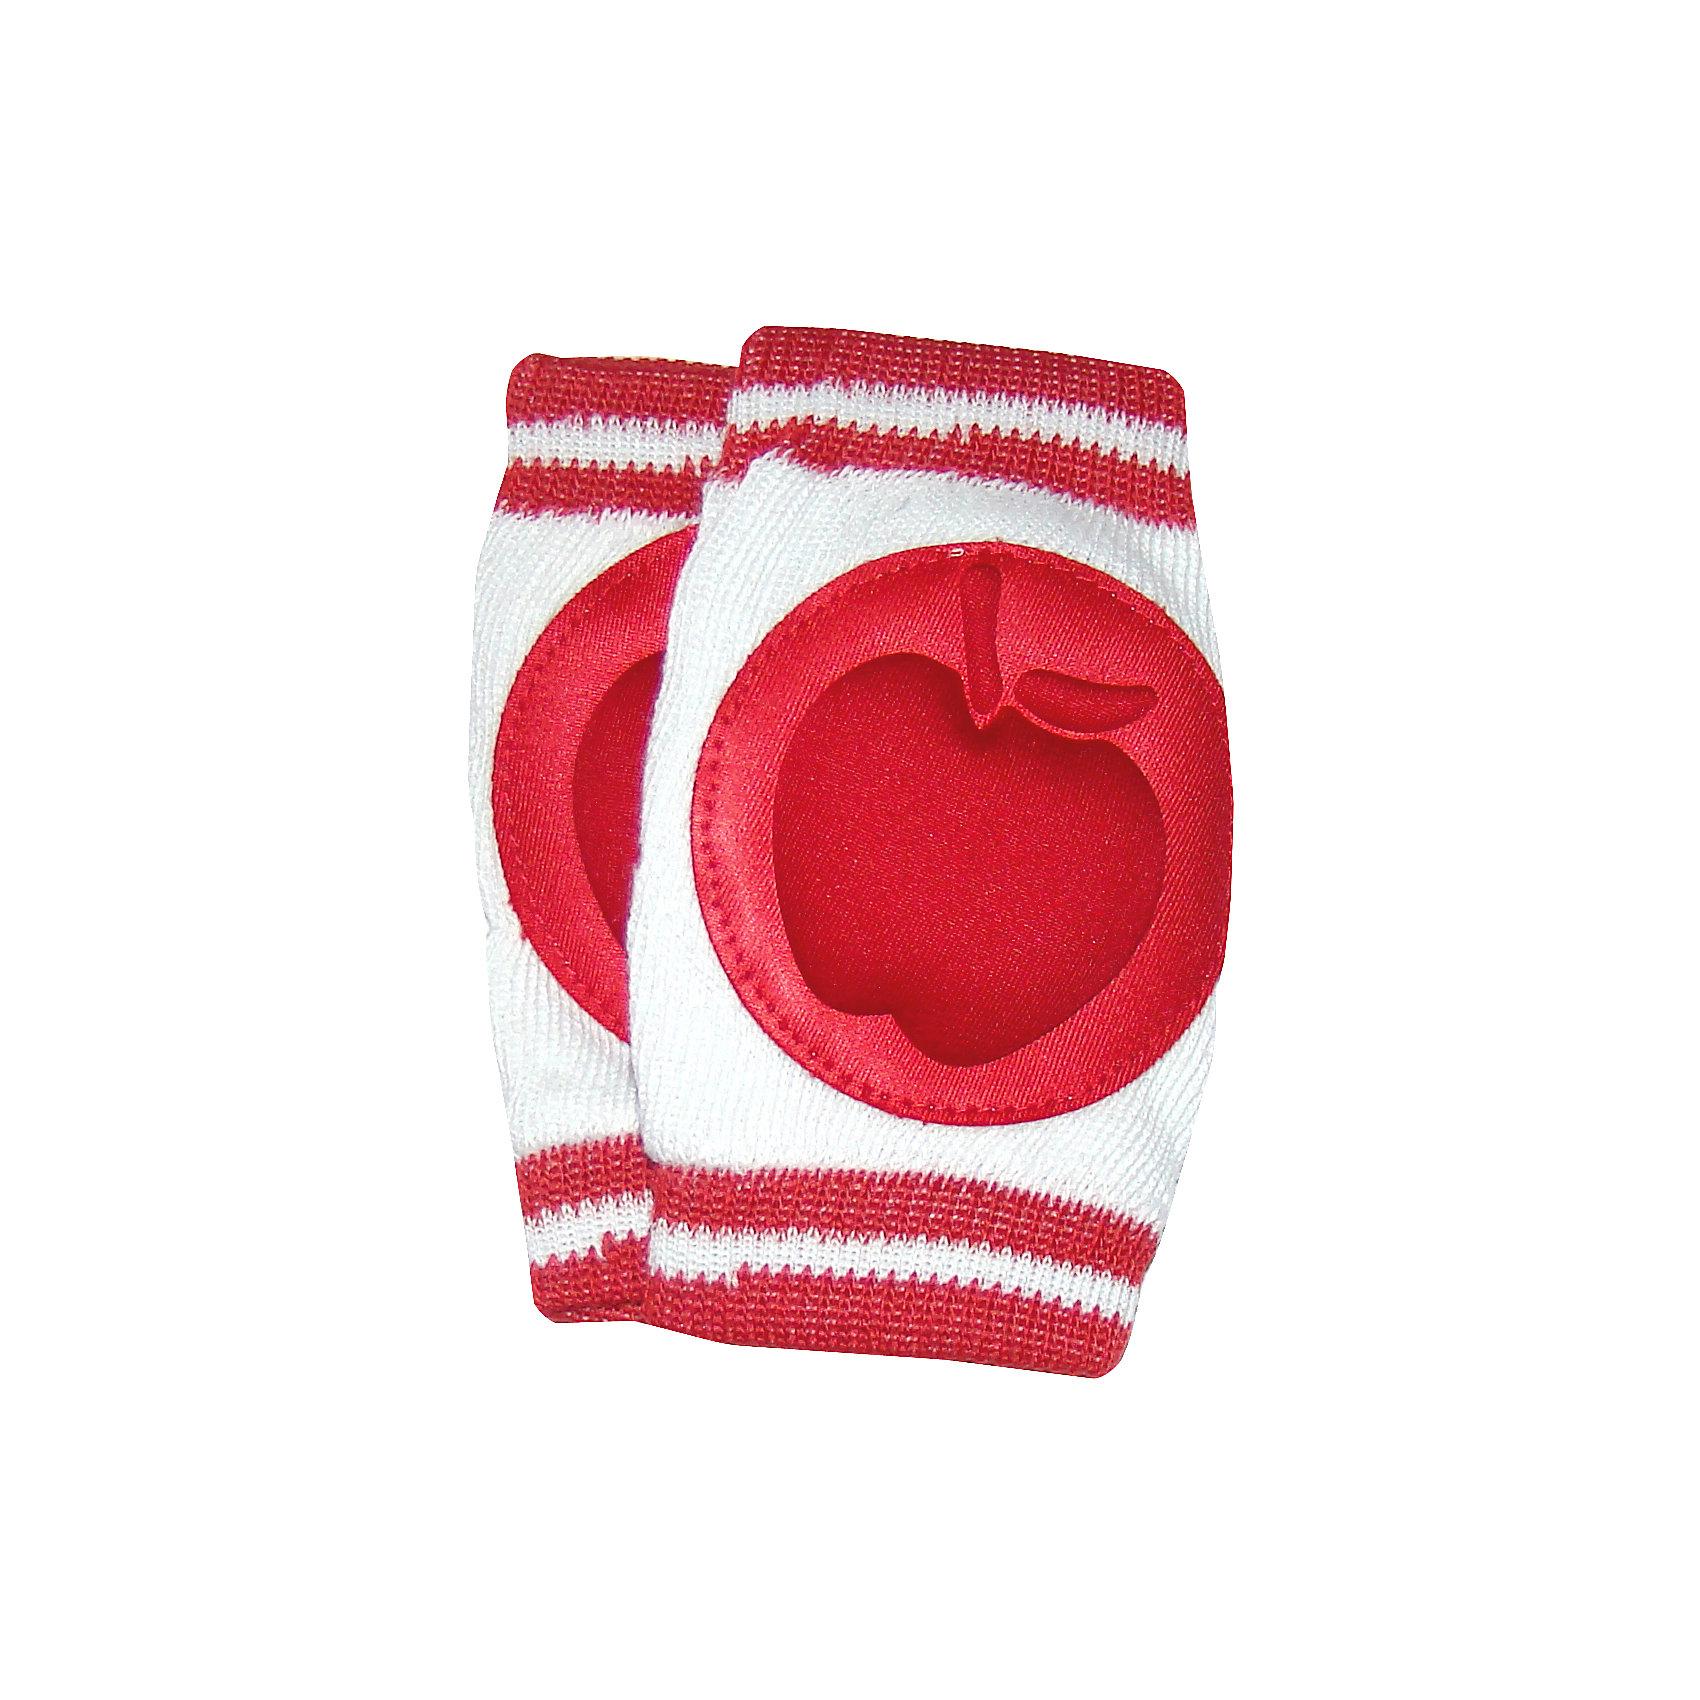 Наколенники для ползания Яблоко apl-06, СуперМаМкет, красныйХарактеристики:<br><br>• Вид детской одежды: аксессуары<br>• Предназначение: для защиты коленок <br>• Возраст: от 6 до 12 месяцев<br>• Сезон: круглый год<br>• Пол: универсальный<br>• Цвет: белый, красный<br>• Материал: текстиль, спандекс<br>• В области коленок имеются подушечки с наполнителем из губки<br>• Размеры (Ш*Г*В): 12*7*5 см<br>• Вес: 50 г <br>• Особенности ухода: допускается деликатная стирка без использования красящих и отбеливающих средств<br><br>Наколенники для ползания Яблоко apl-06, СуперМаМкет, красный от российского торгового бренда, который занимается производством текстиля для новорожденных и их мам. При изготовлении используются материалы самого высокого качества, отвечающие требованиям безопасности, комфорта и удобства использования. Наколенники предназначены для защиты коленок во время ползания. Кроме того, изделие можно использовать, когда ребенок только начинает учиться ходить, они могут обеспечить защиту от травм во время ходьбы. Наколенники для ползания Яблоко apl-06, СуперМаМкет, красный выполнены из текстиля эластичной вязки, которая позволяет легко принимать форму ноги, снизу и сверху предусмотрена плотная широкая резинка, которая обеспечивает надежную фиксацию на ножках. В области коленок предусмотрены чашечки из спандекса в форме яблока с наполнителем из губки. Все материалы, использованные при изготовлении изделия, дышащие. <br><br>Наколенники для ползания Яблоко apl-06, СуперМаМкет, красный можно купить в нашем интернет-магазине.<br><br>Ширина мм: 120<br>Глубина мм: 70<br>Высота мм: 50<br>Вес г: 50<br>Цвет: красный<br>Возраст от месяцев: 0<br>Возраст до месяцев: 6<br>Пол: Женский<br>Возраст: Детский<br>SKU: 4577550